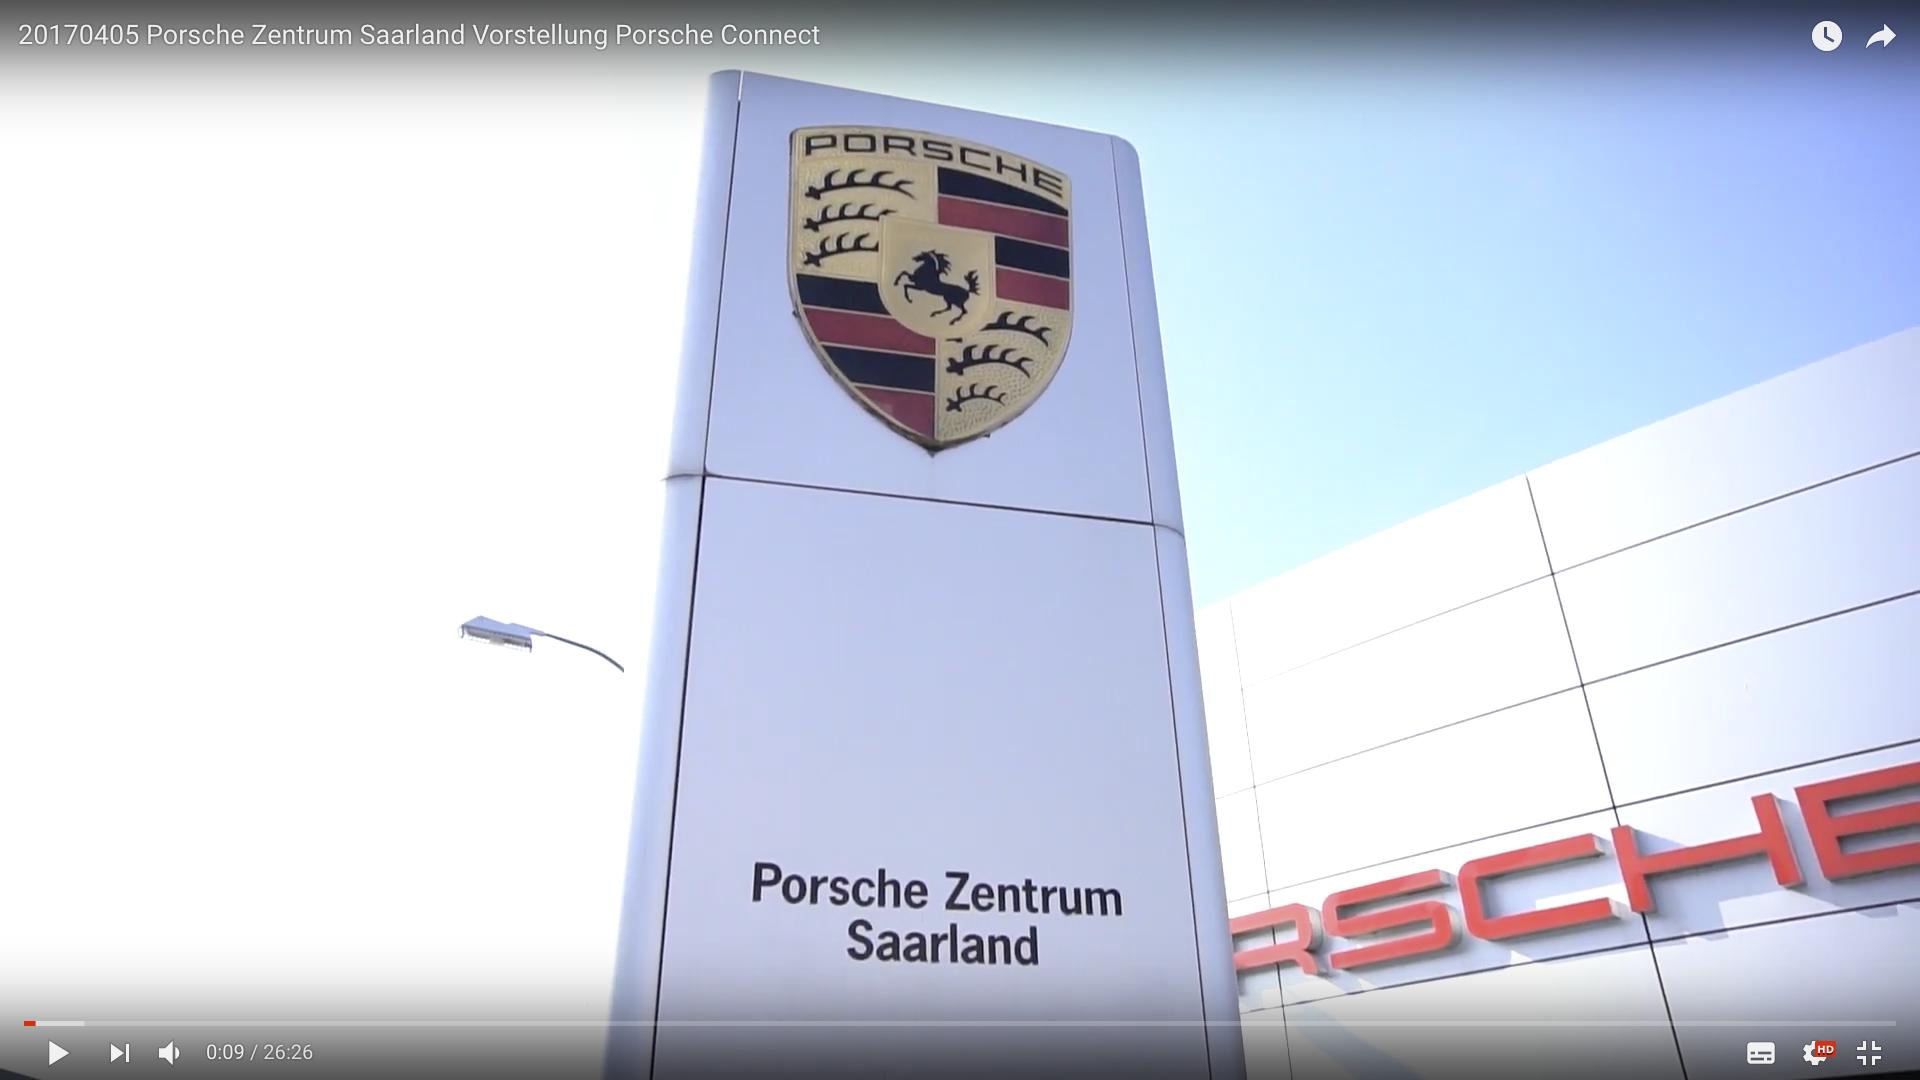 2017 Porsche Zentrum Saarland Vorstellung Porsche Connect Porsche Zentrum Saarland_MSM_MEDIEN_SAAR_MOSEL_SAARLAND_FERNSEHEN_1_ED_SAAR